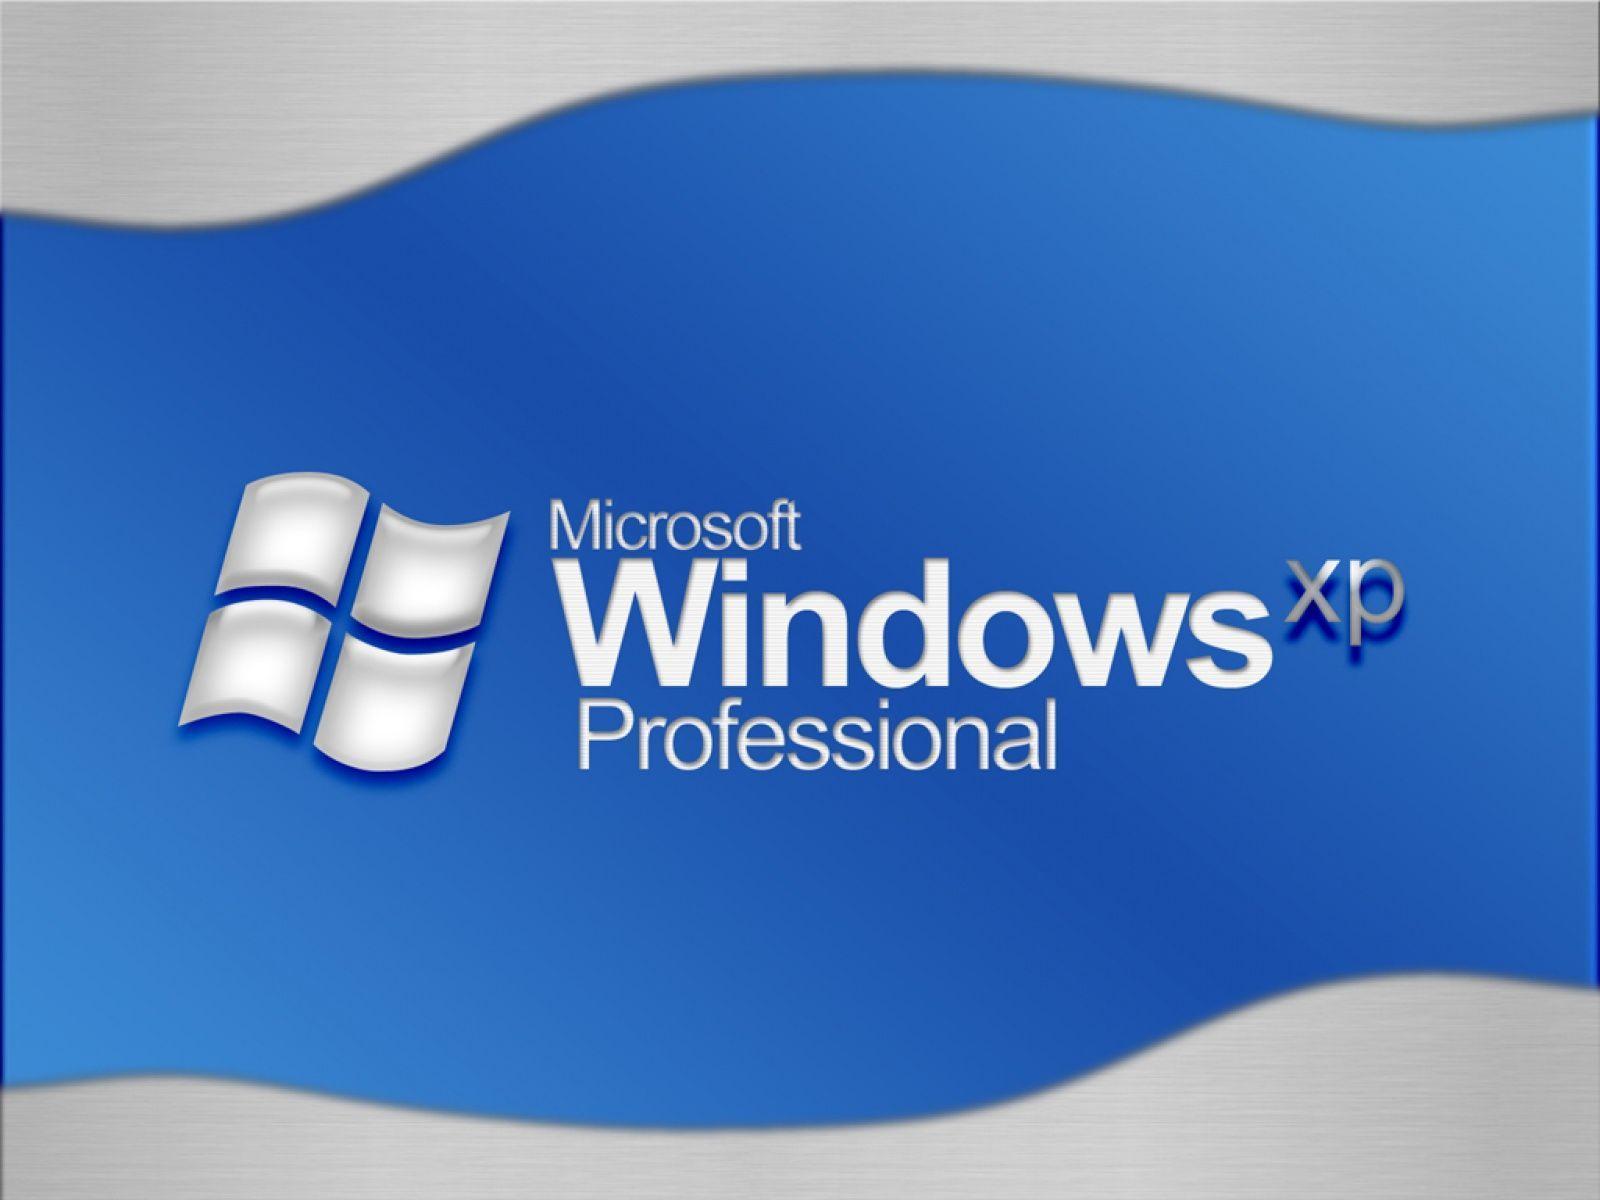 Windows XP Desktop Backgrounds TJ Kelly